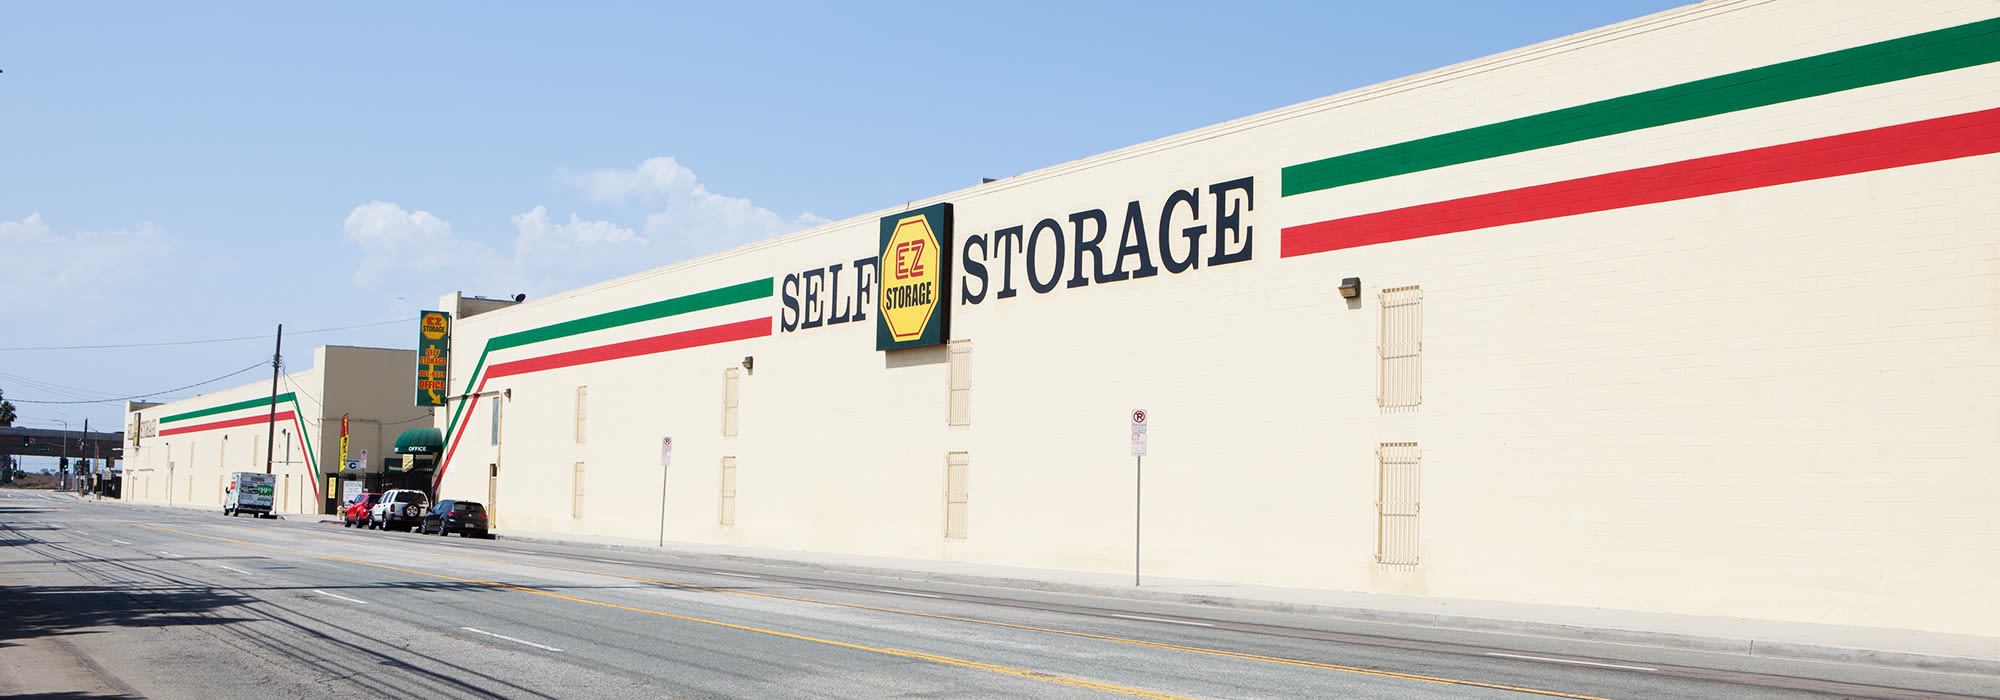 Self storage in Los Angeles CA